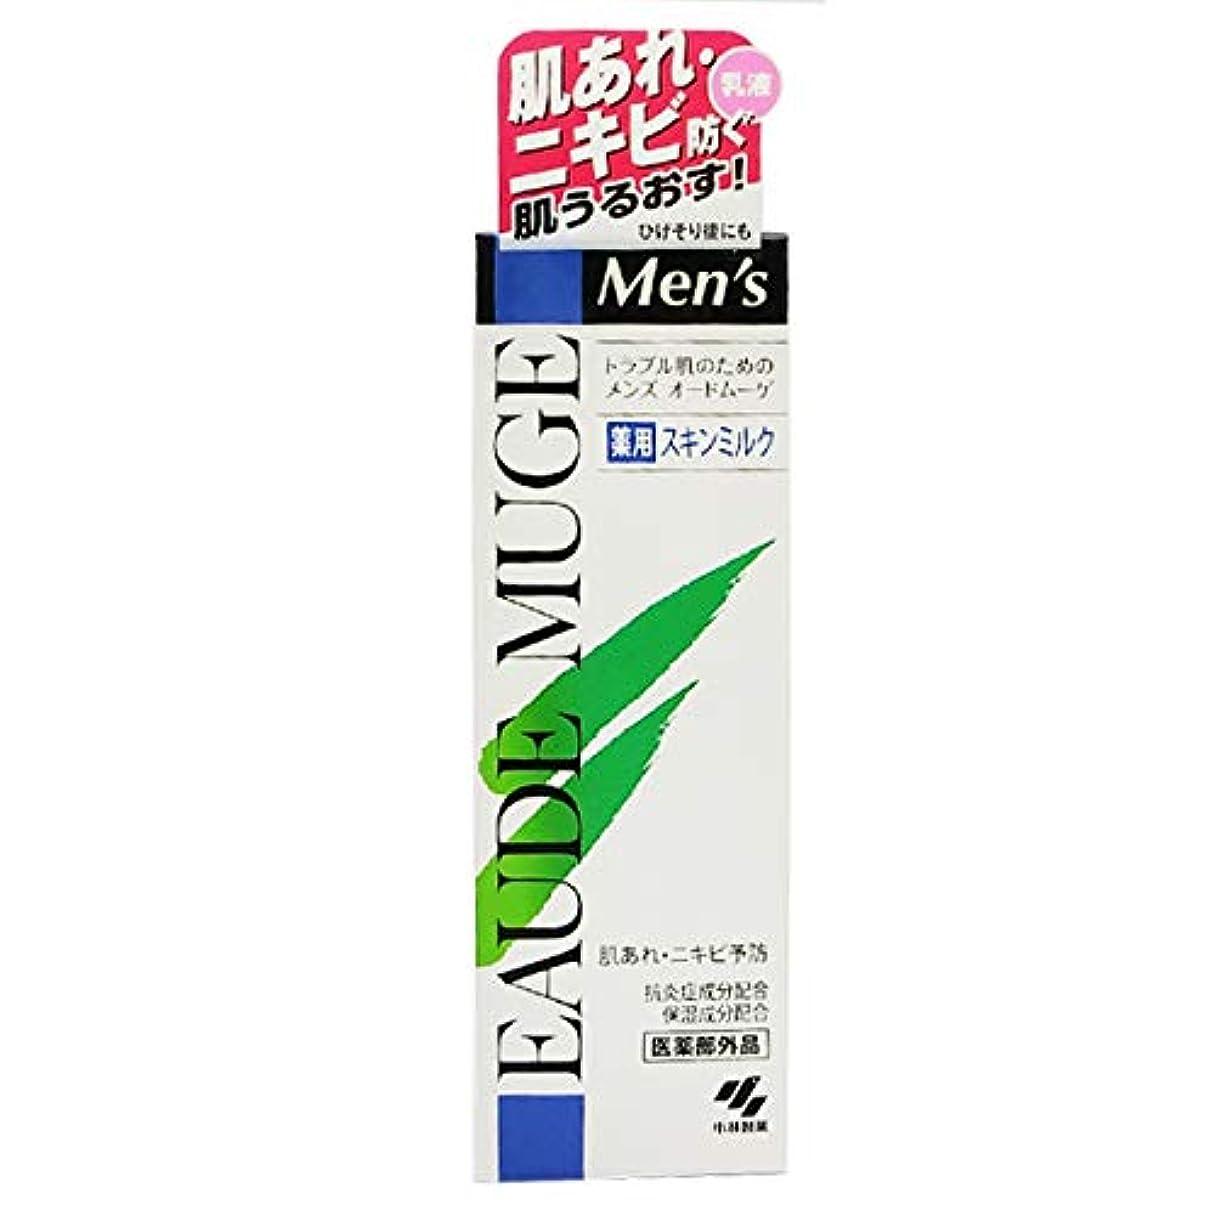 整理する非効率的な全部メンズ オードムーゲ 薬用スキンミルク